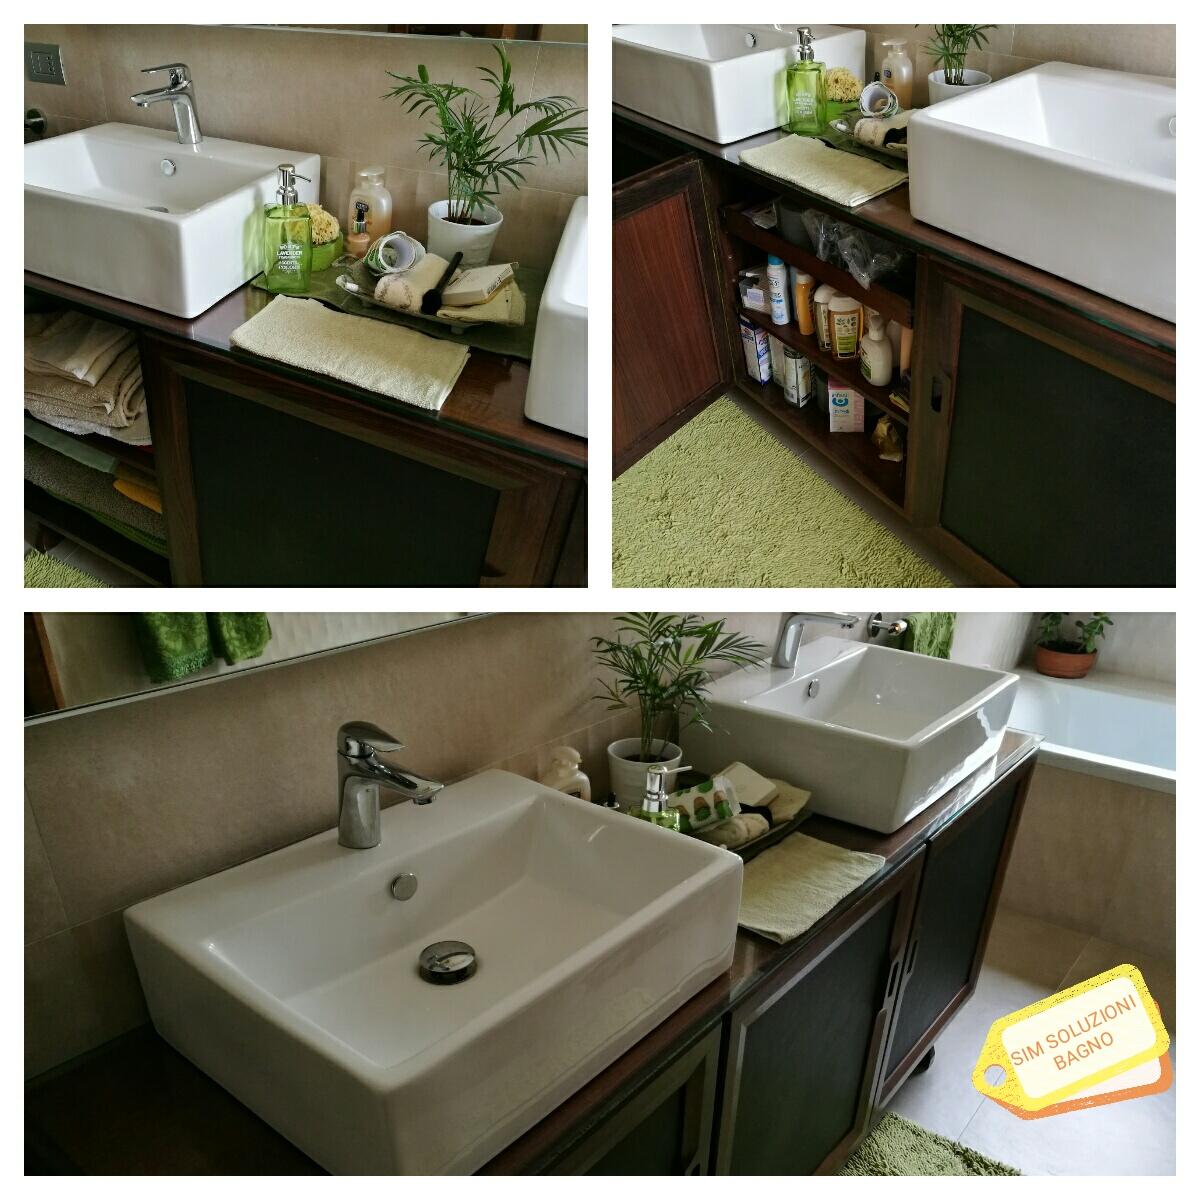 Idee d arredo per il bagno come sfruttare il riciclo for Riciclo arredo casa